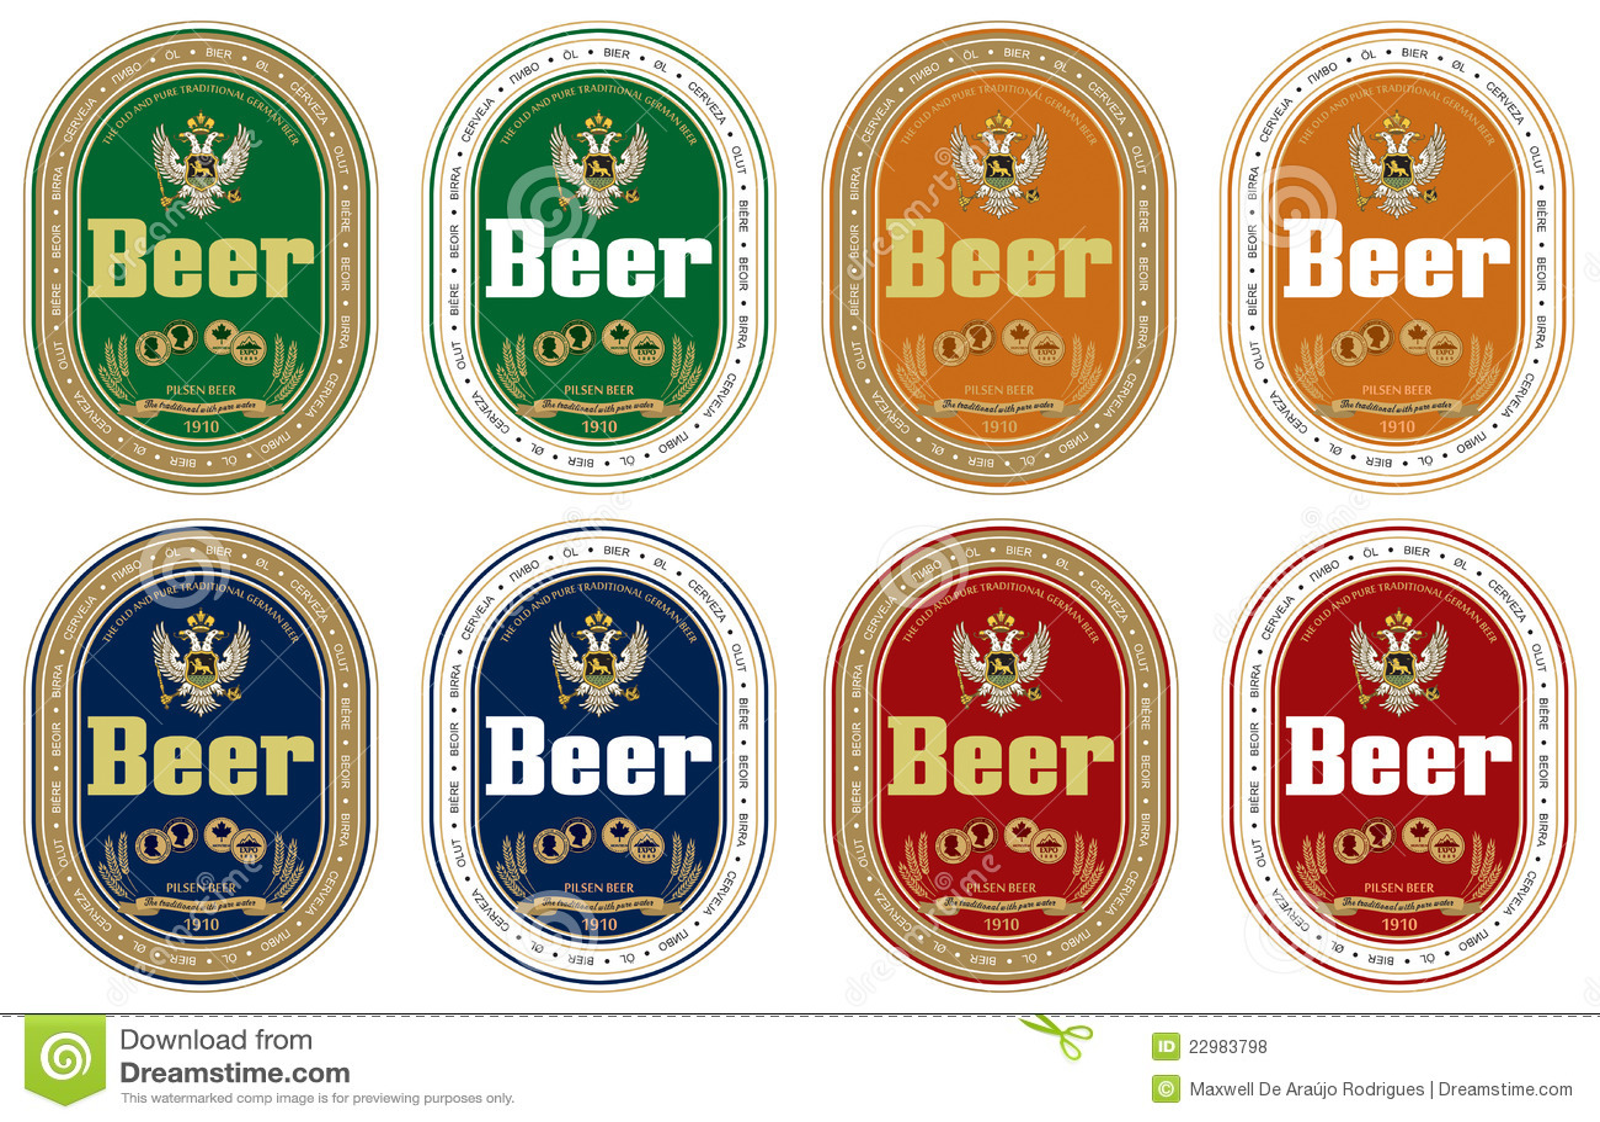 Generic beer label